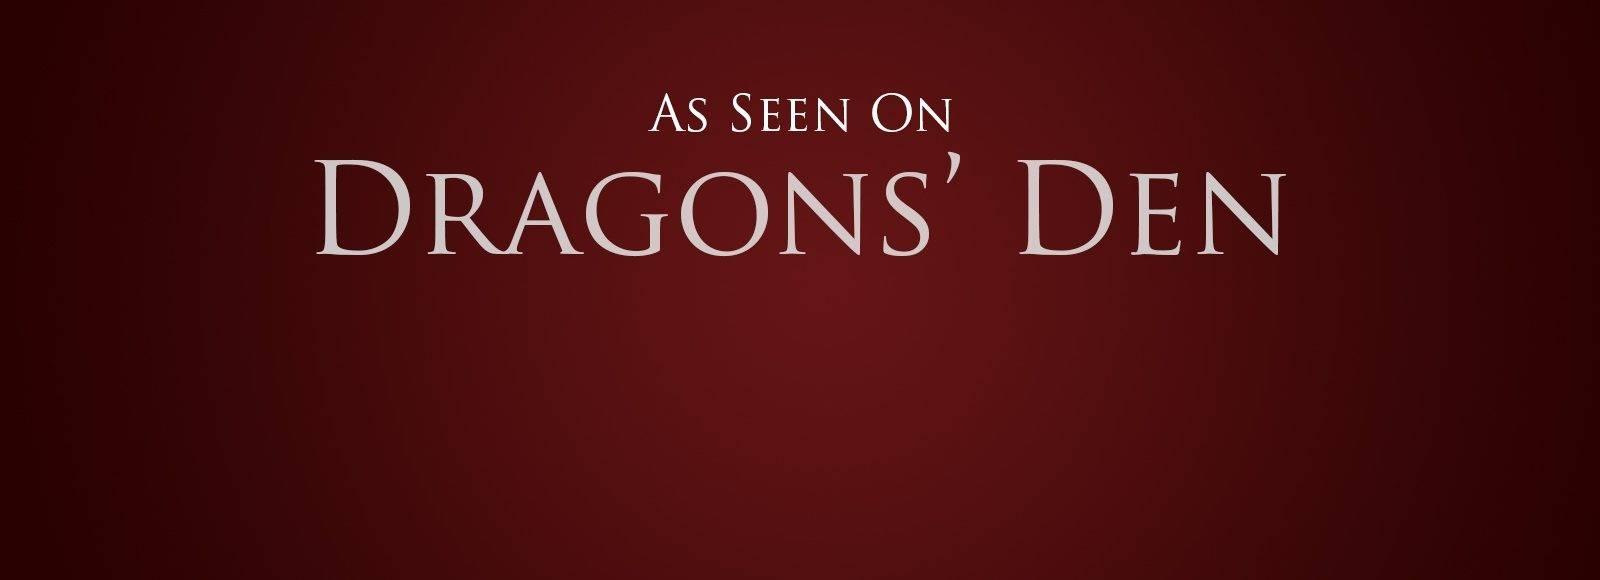 Donegal Pens Dragons' Den